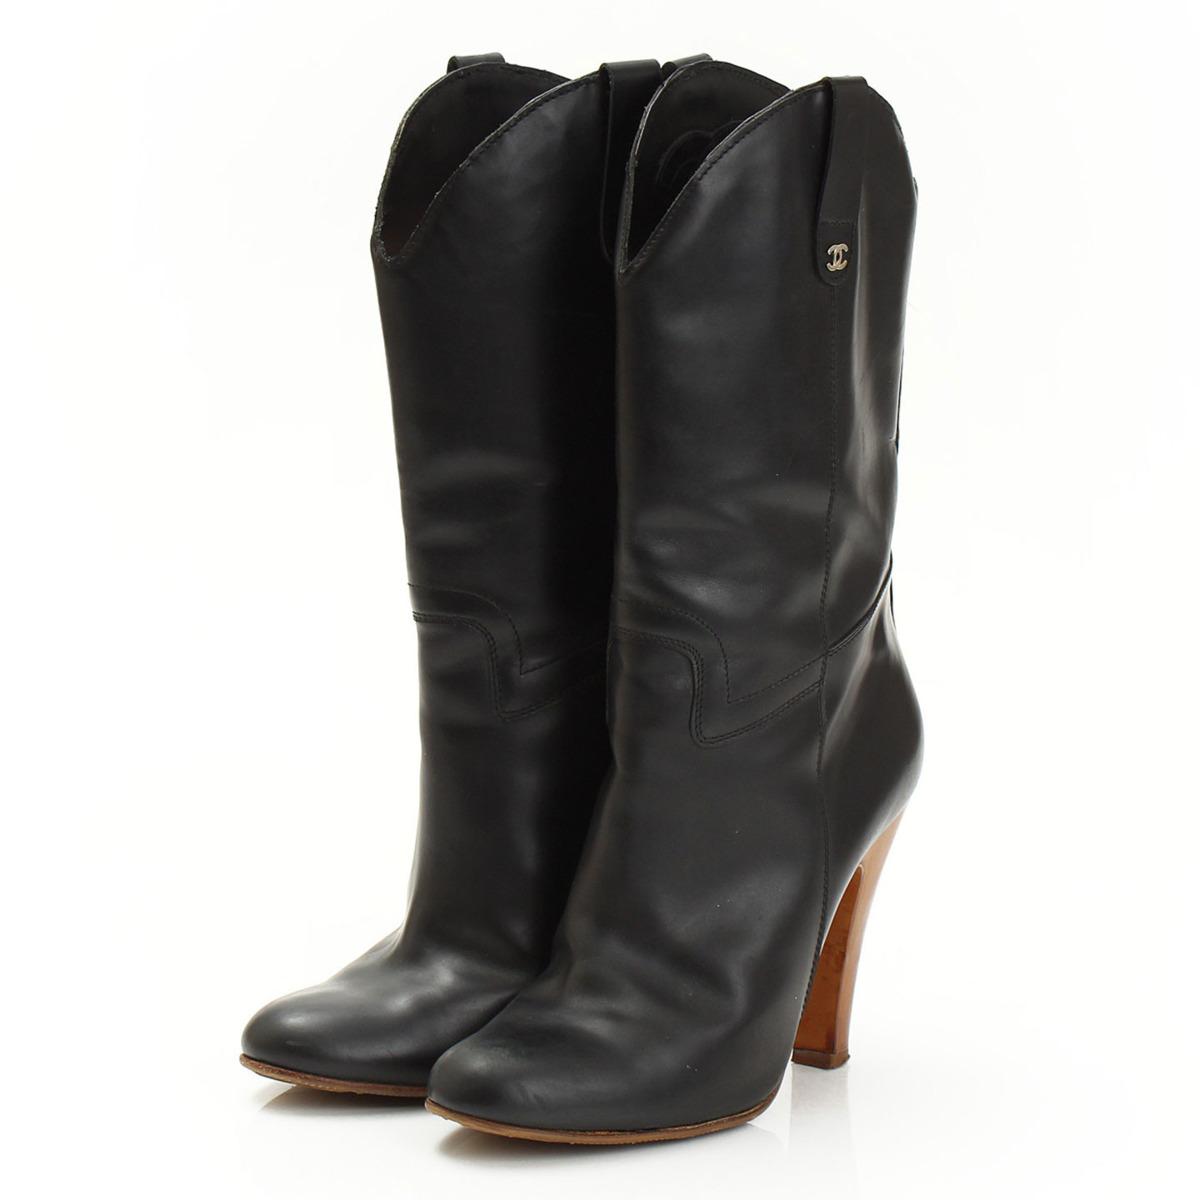 【シャネル】Chanel 07A レザー ブーツ G25775 ブラック 38 1/2 【中古】【鑑定済・正規品保証】【送料無料】29533